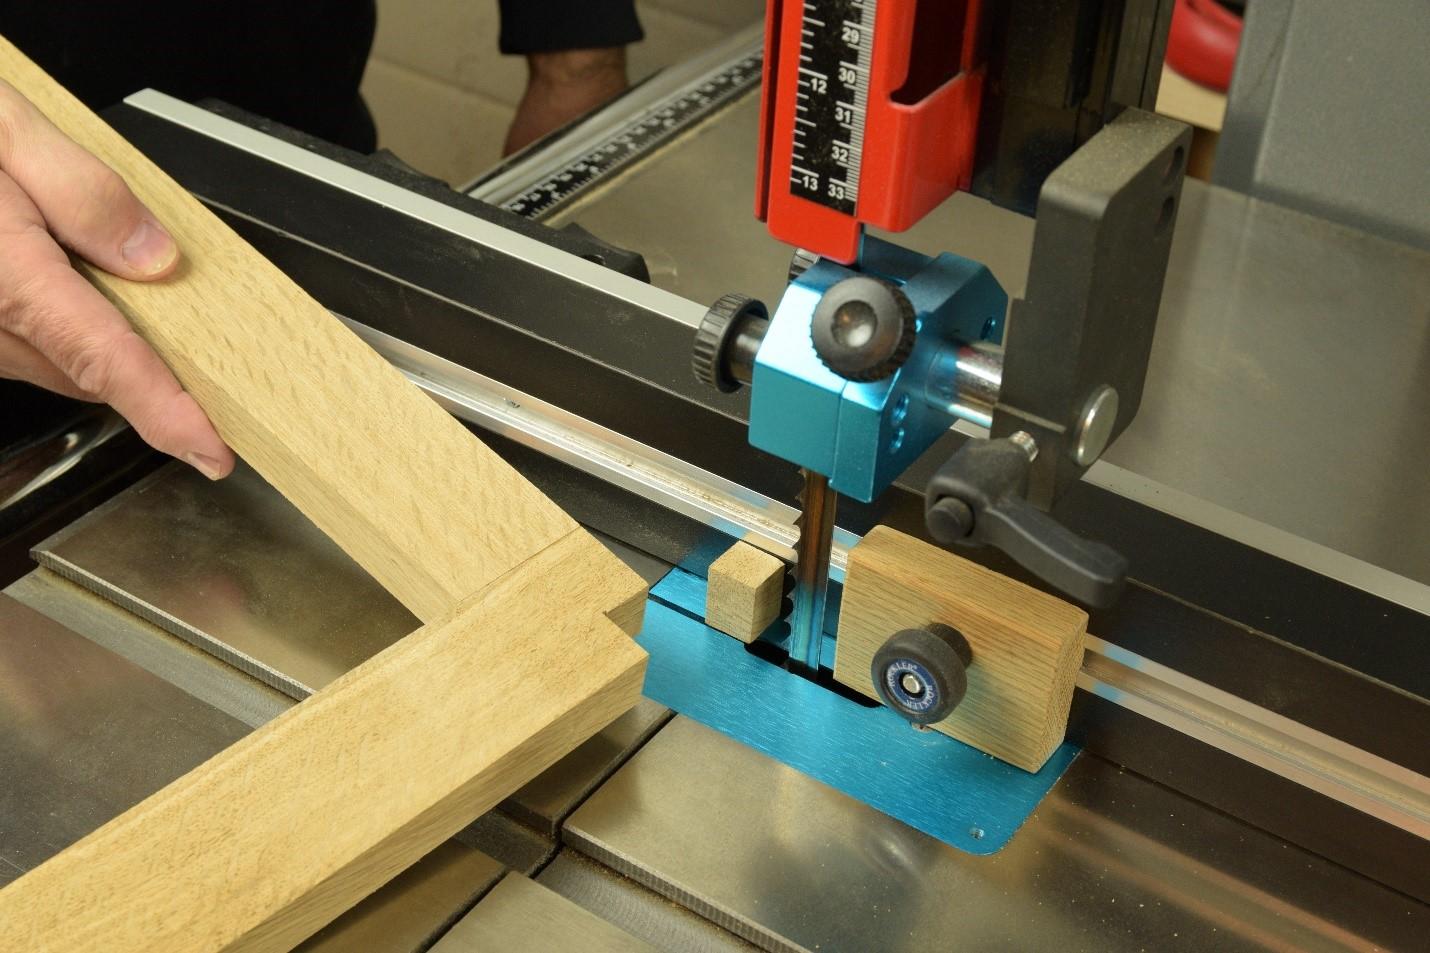 Cutting out a corner notch